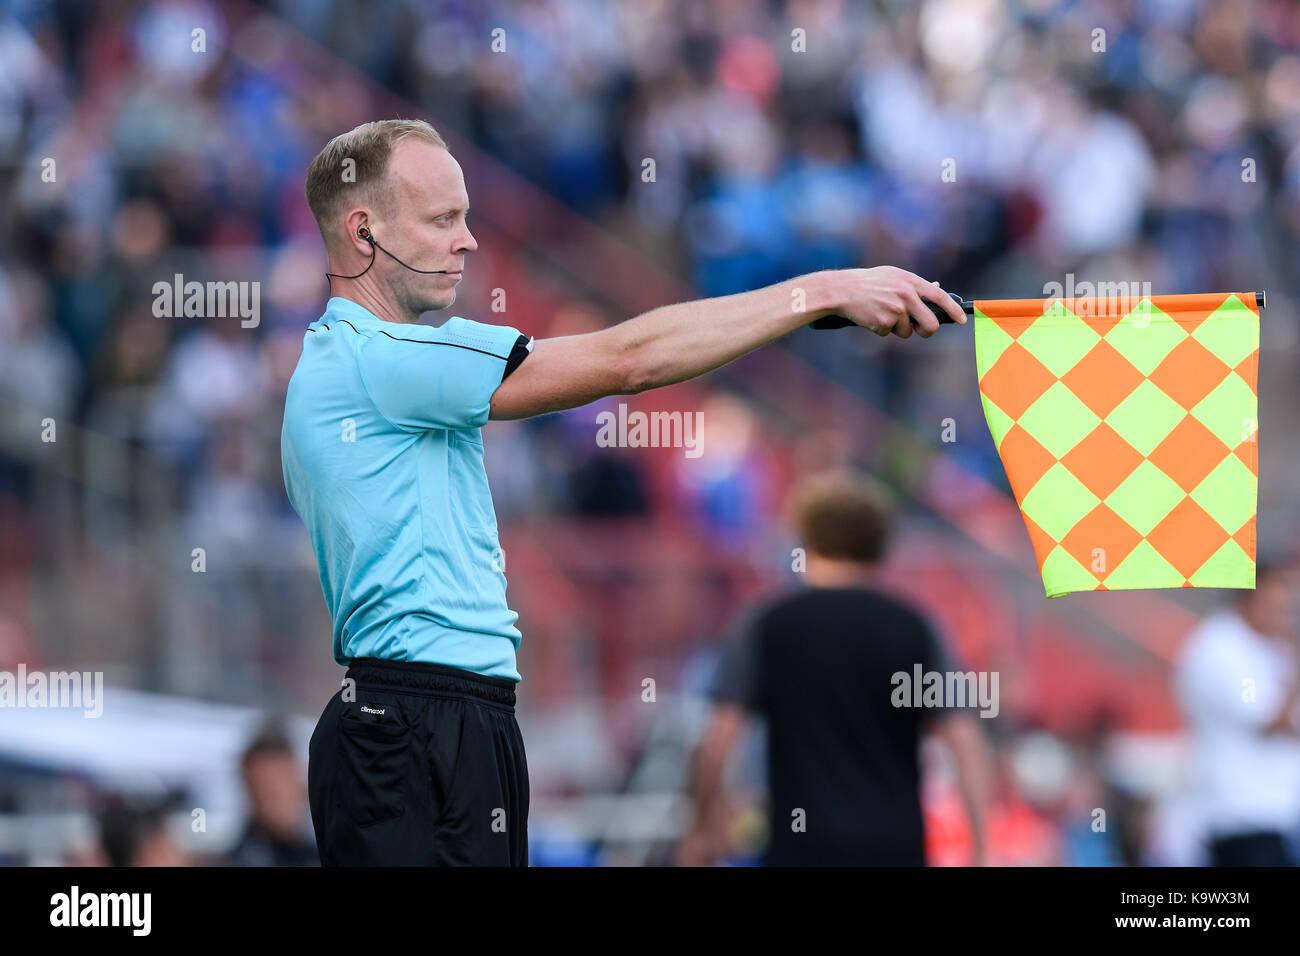 Karlsruhe, Deutschland. 24th Sep, 2017. Feature: Linienrichter zeigt Abseits an mit Fahne. GES/ Fussball/ 3. Liga: - Stock Image